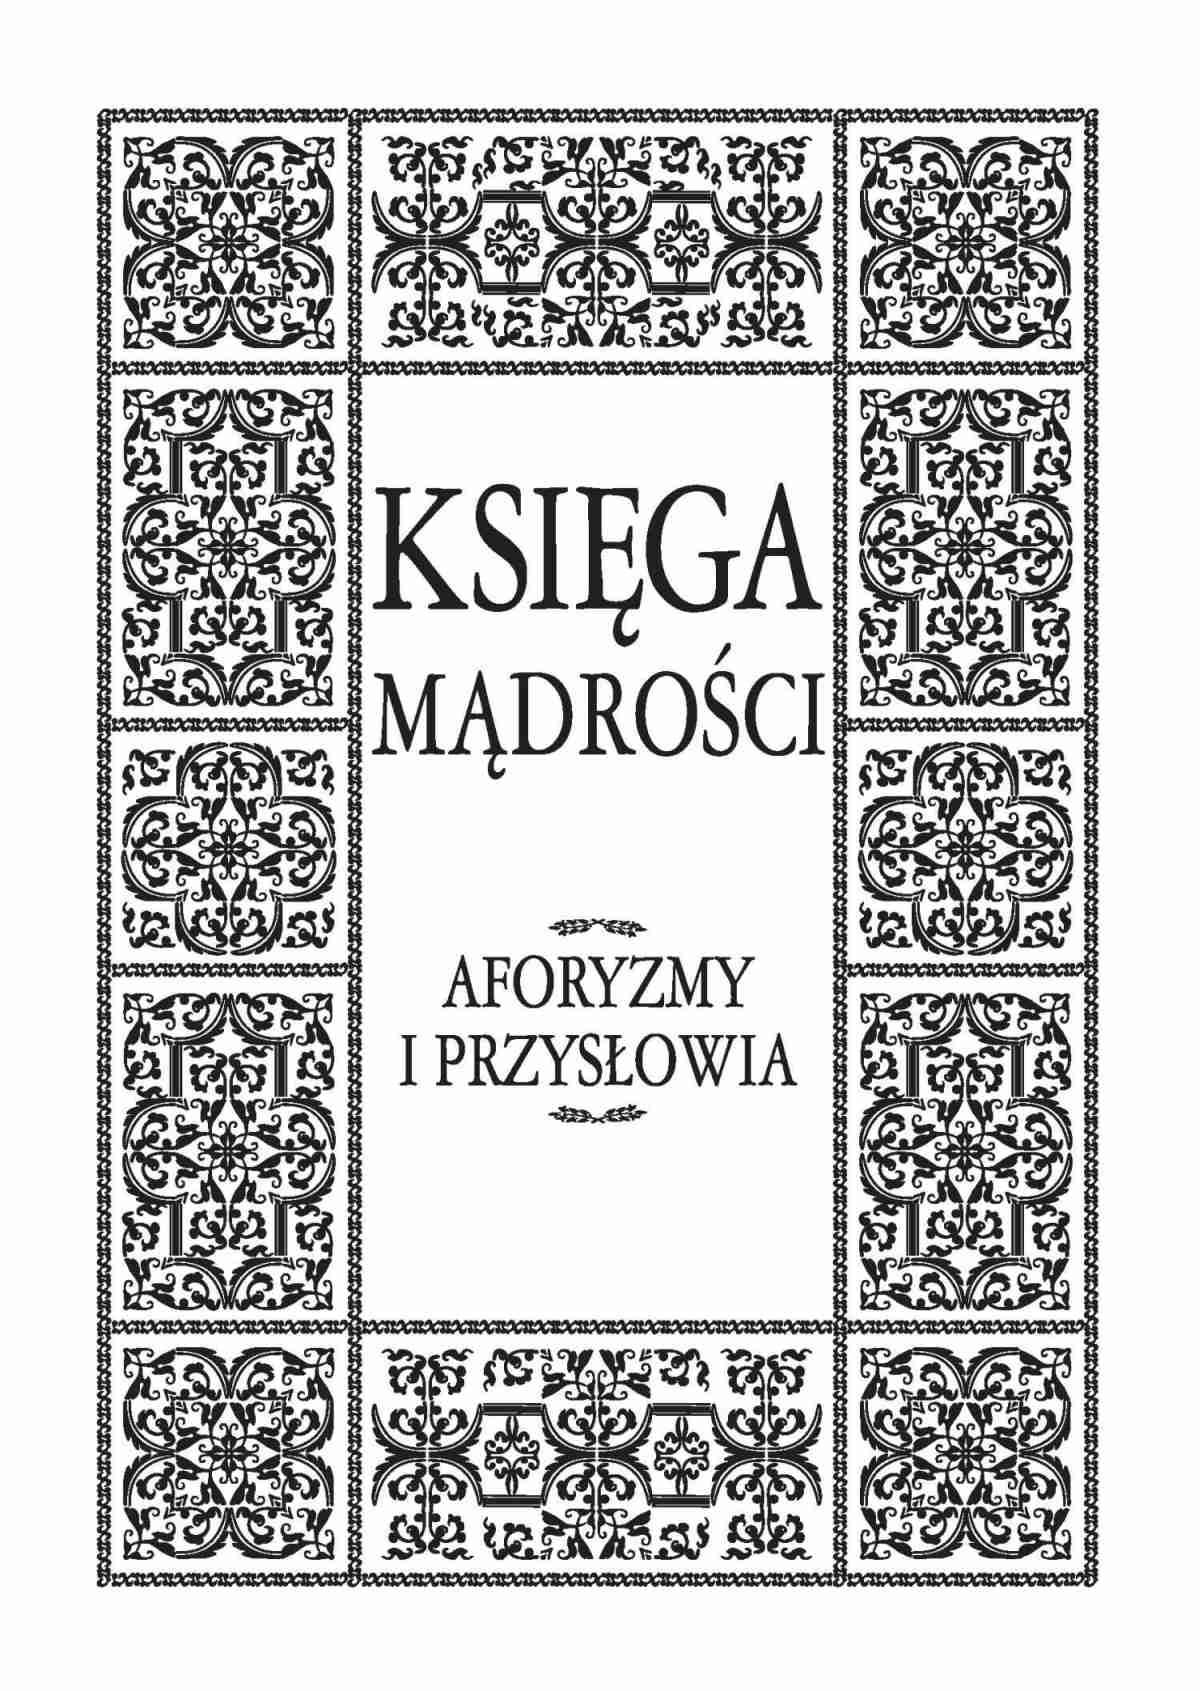 Księga mądrości. Aforyzmy i przysłowia - Ebook (Książka EPUB) do pobrania w formacie EPUB